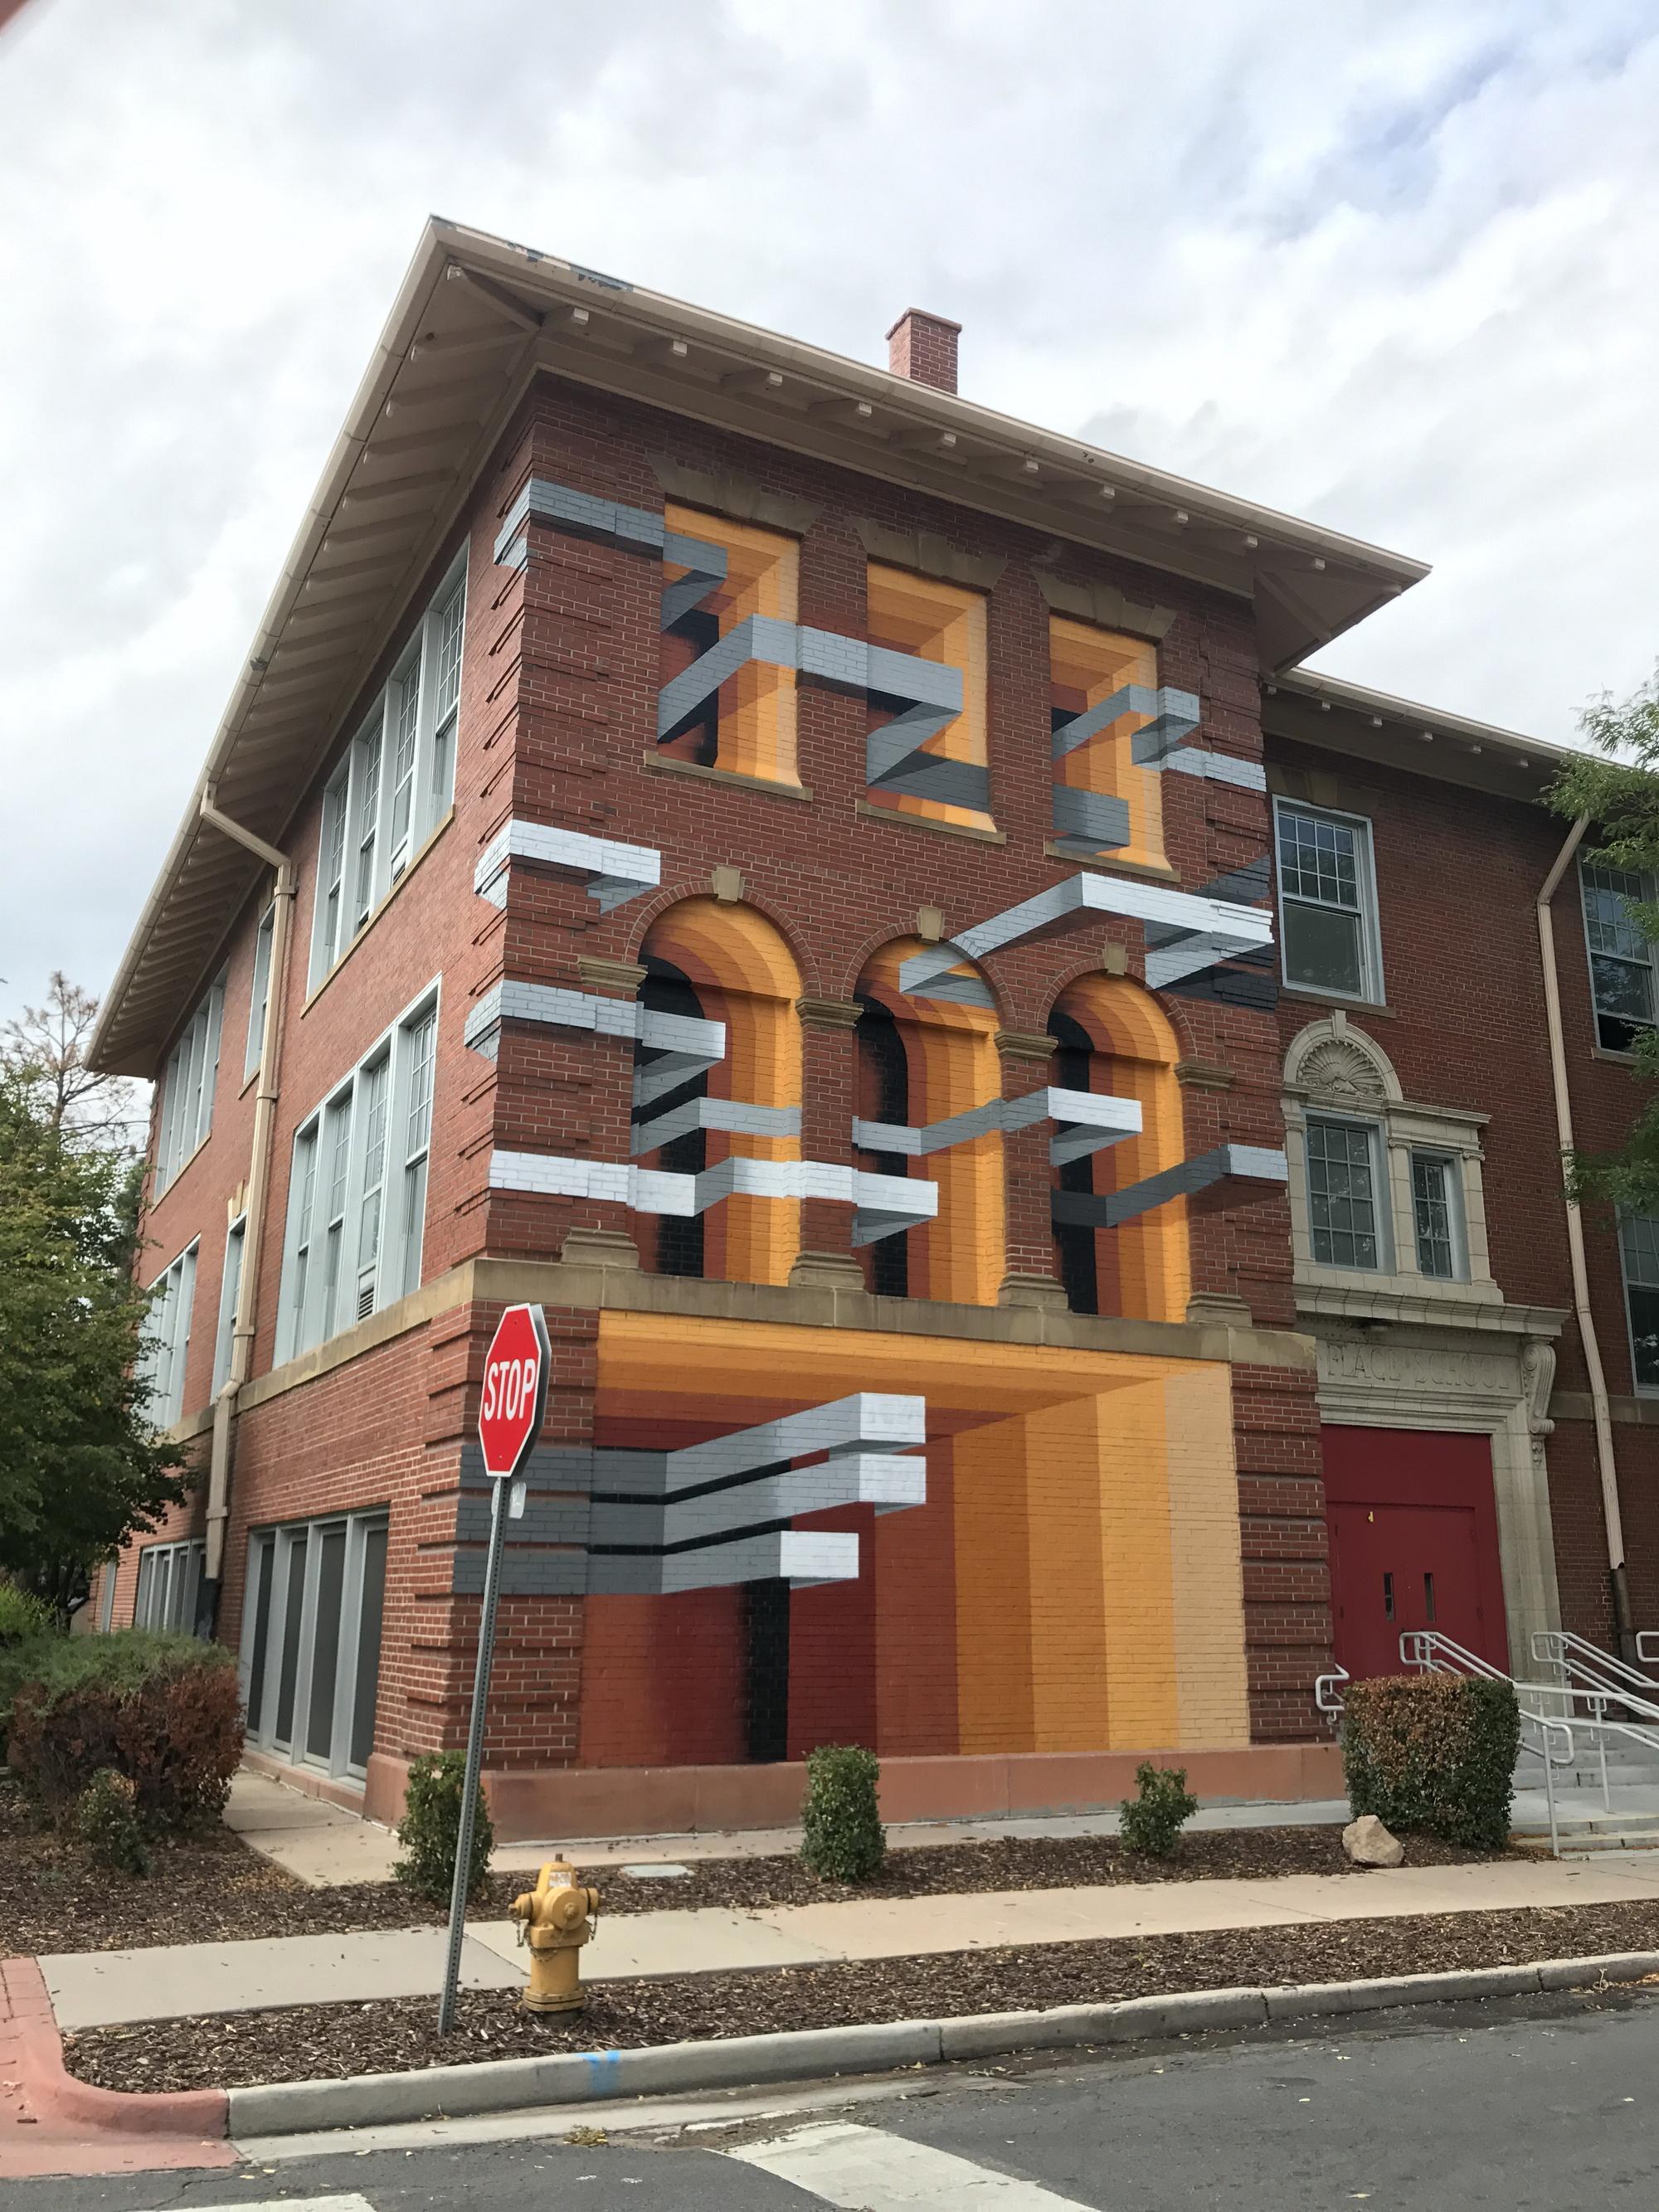 Illusioni ottiche tridimensionali, la street art di Mr. June   Collater.al